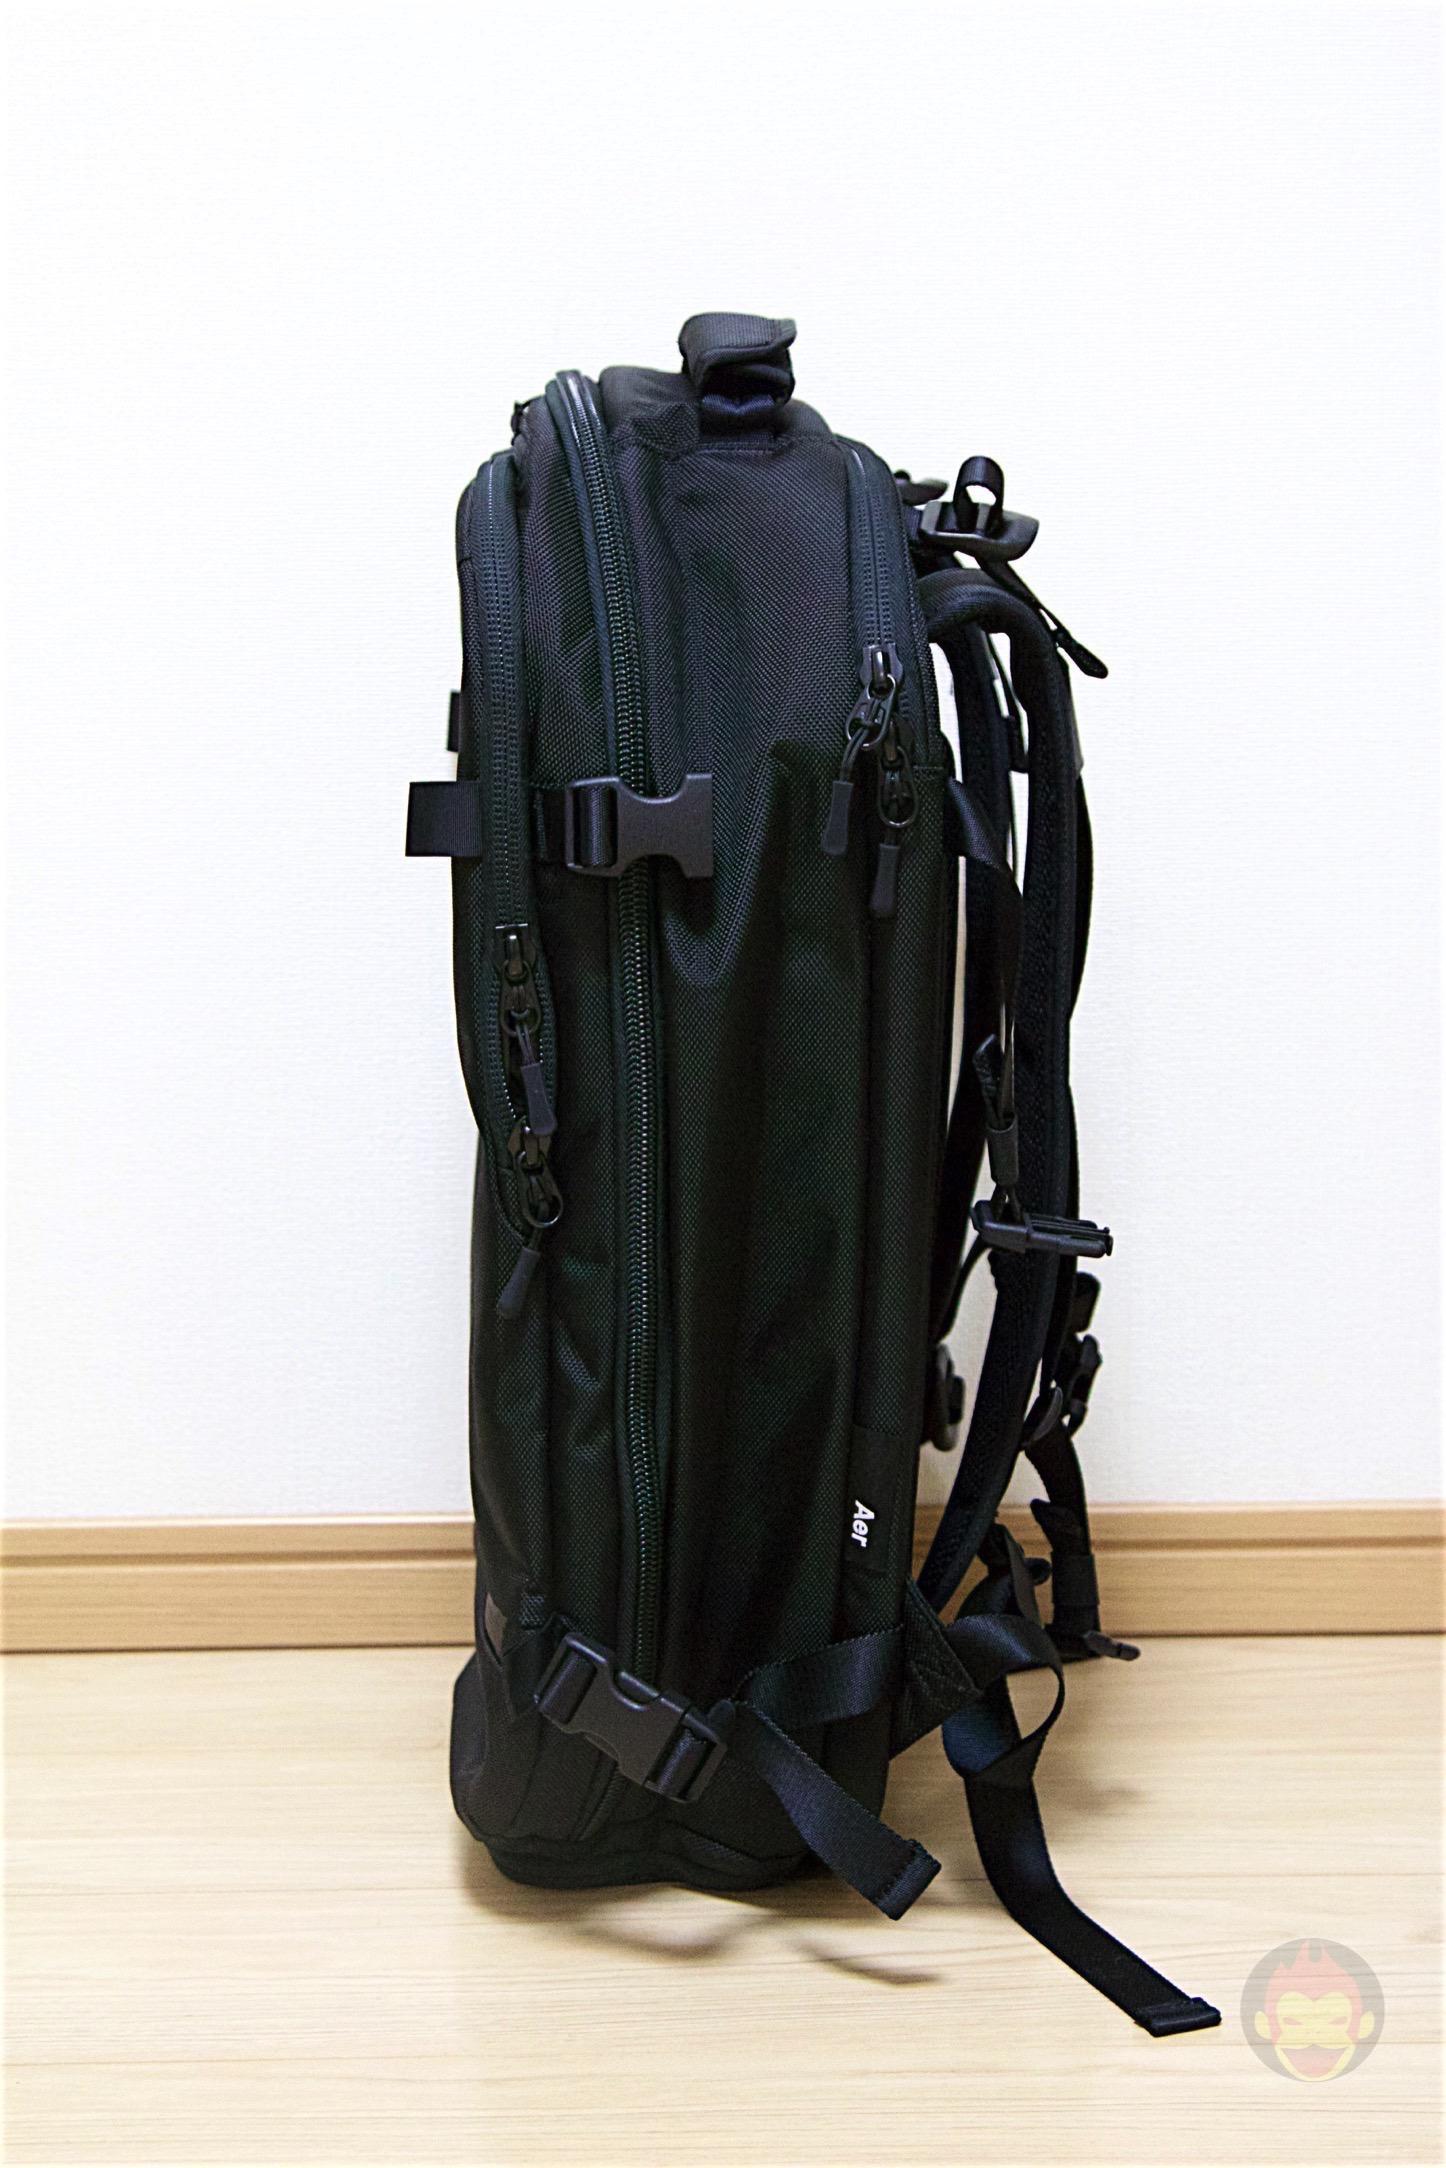 Aer-Travel-BackPack-on-Kickstarter-09.jpg